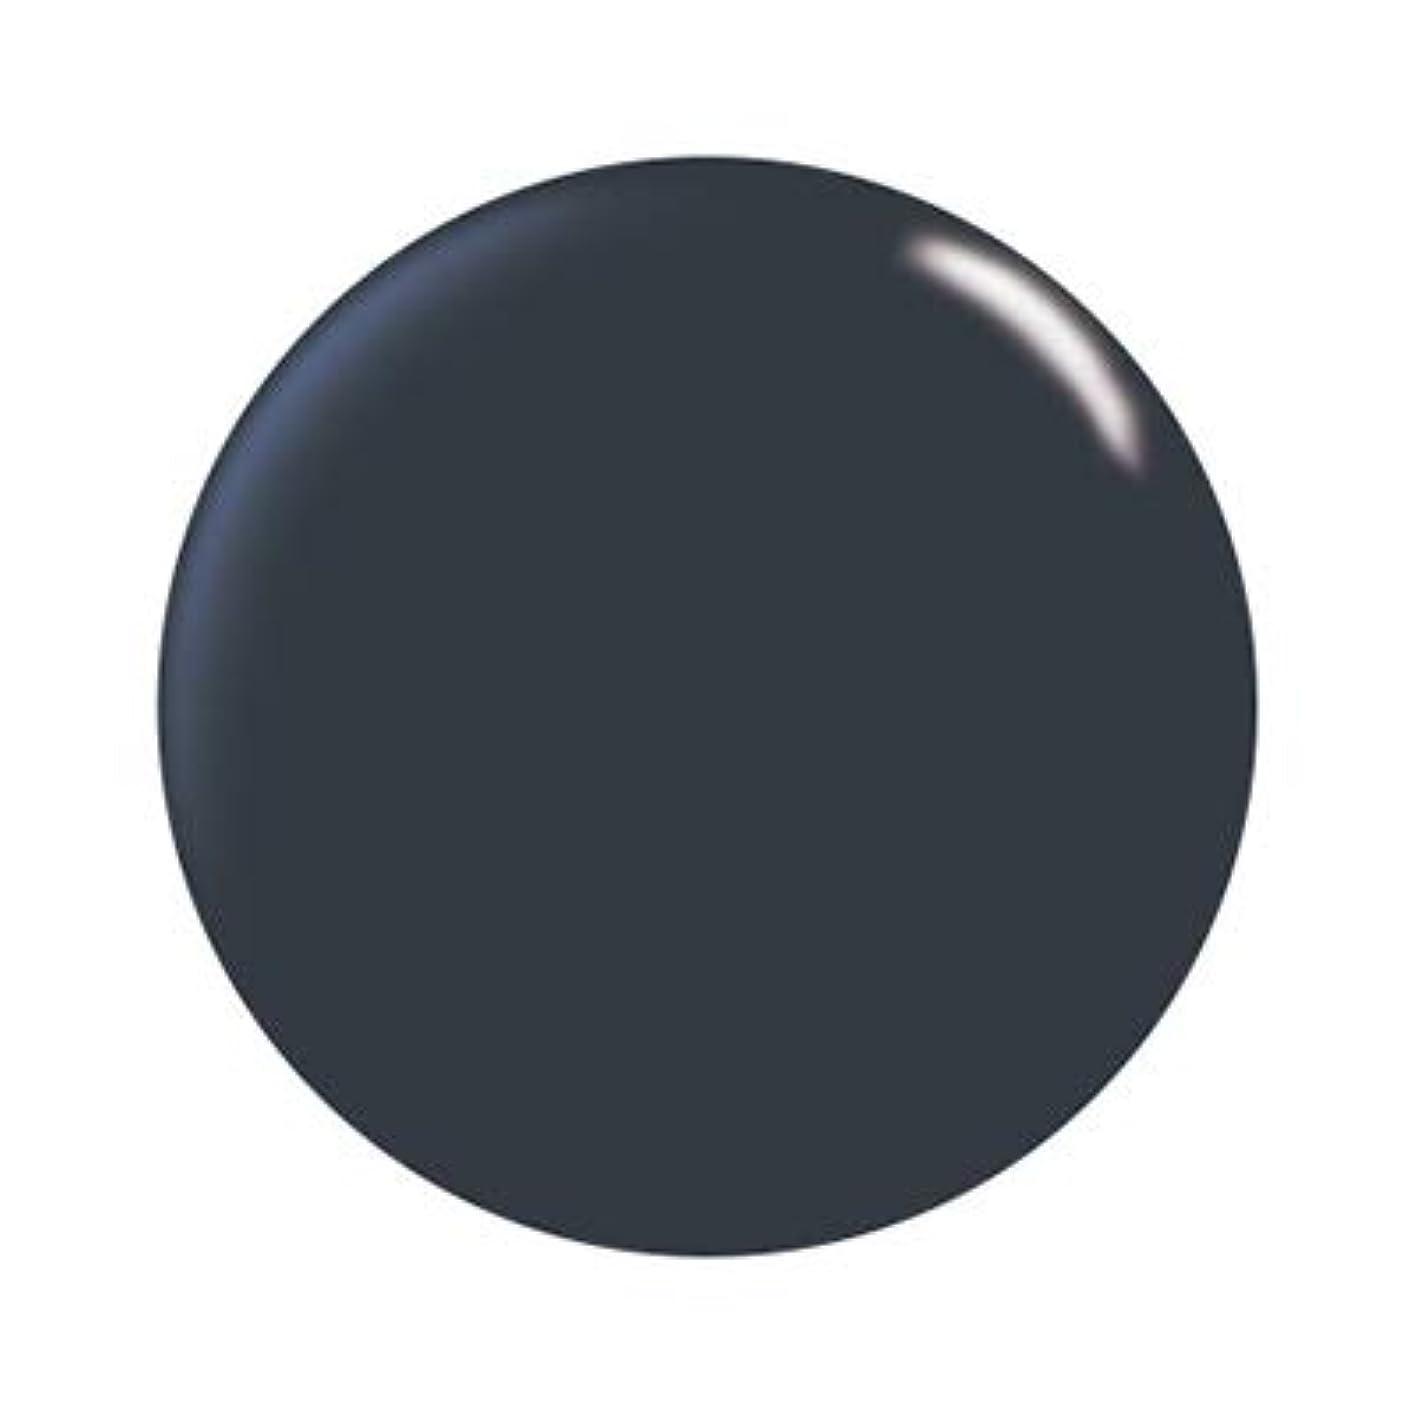 素朴なプーノ汚染パラジェル カラージェル DD05 ダークネイビー(神宮麻実プロデュース)